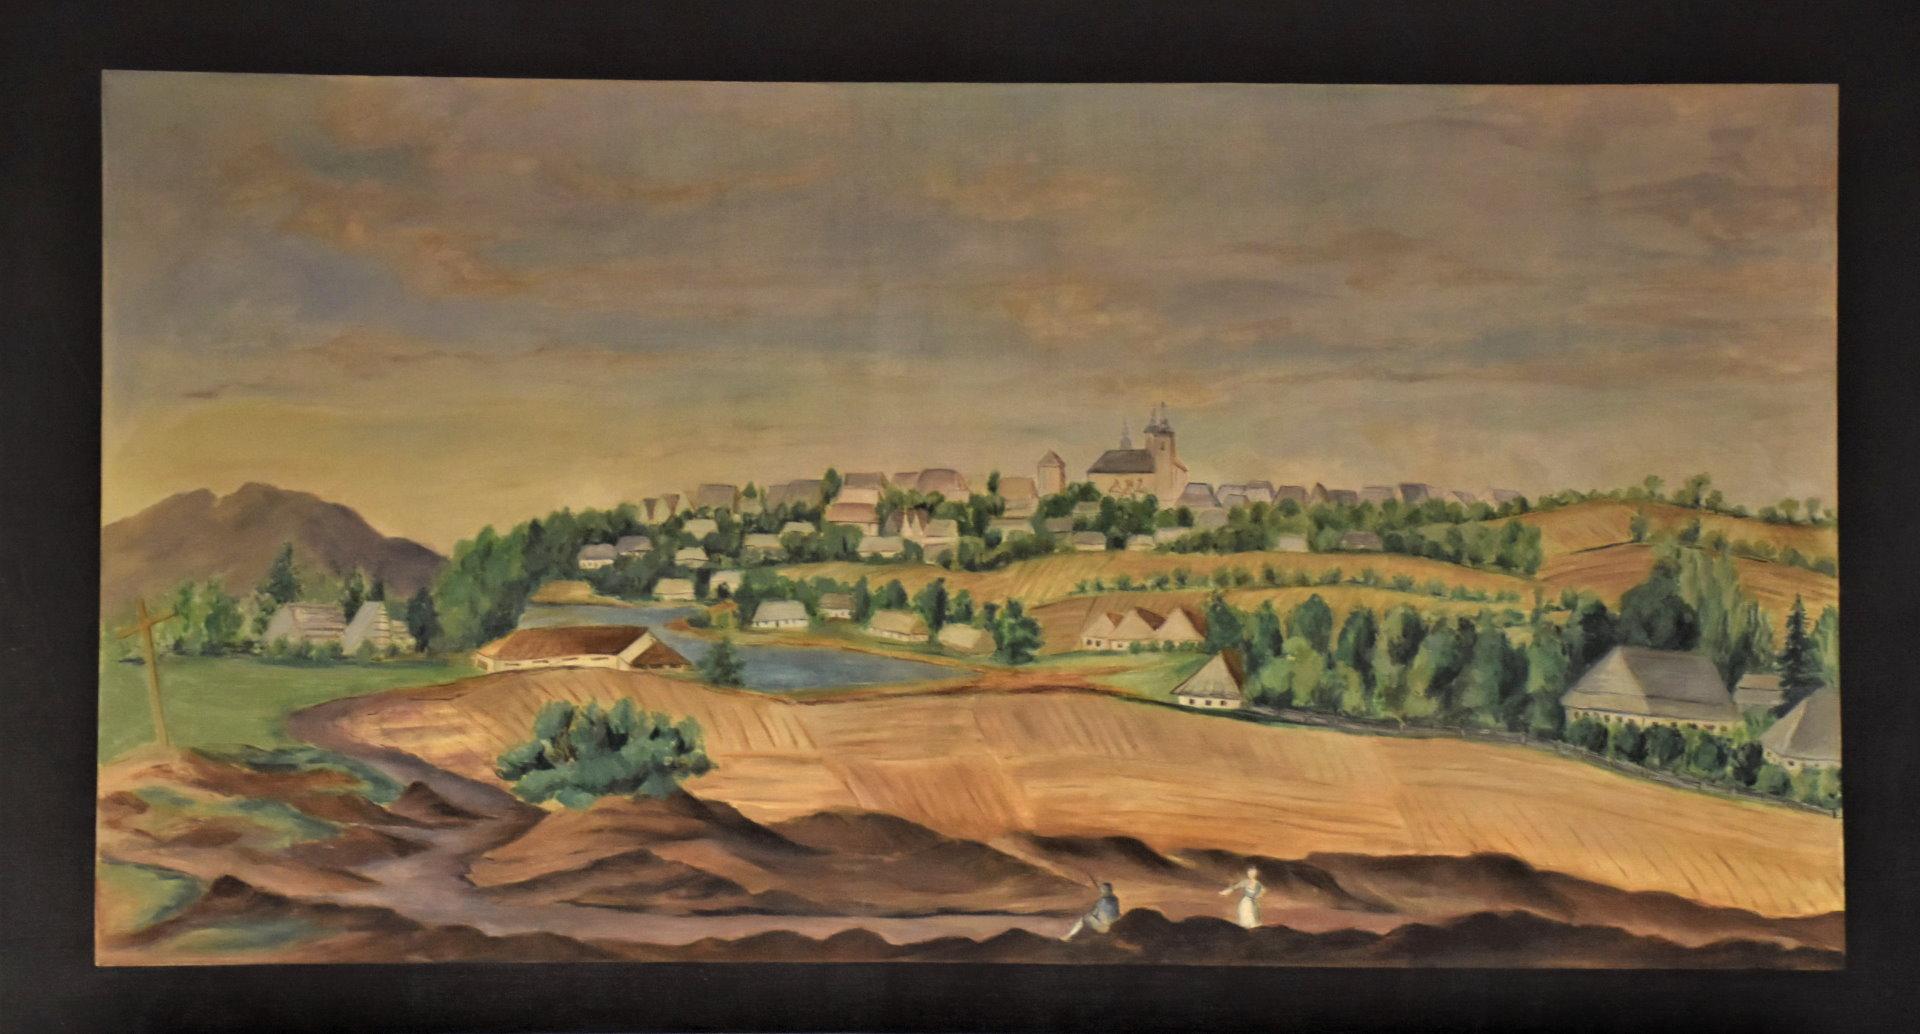 Kolorowy obraz olekny przedstawiający widok na miasto położone na wzgórzu. Nad miastem dominuje kościół z dwoma wieżami